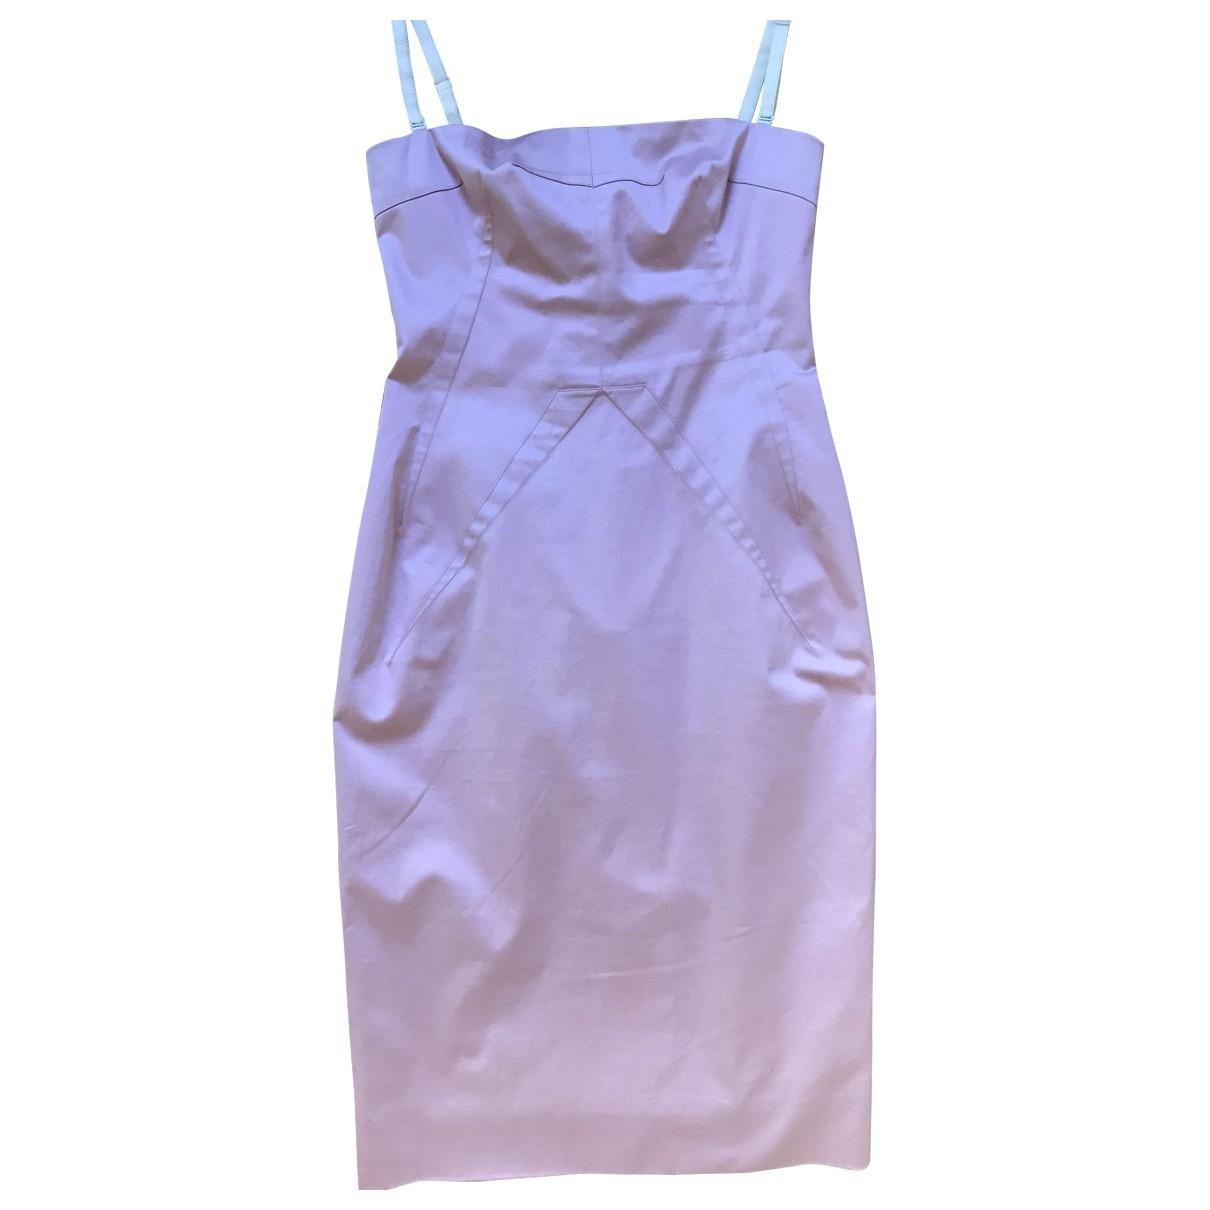 D&g \N Kleid in  Rosa Baumwolle